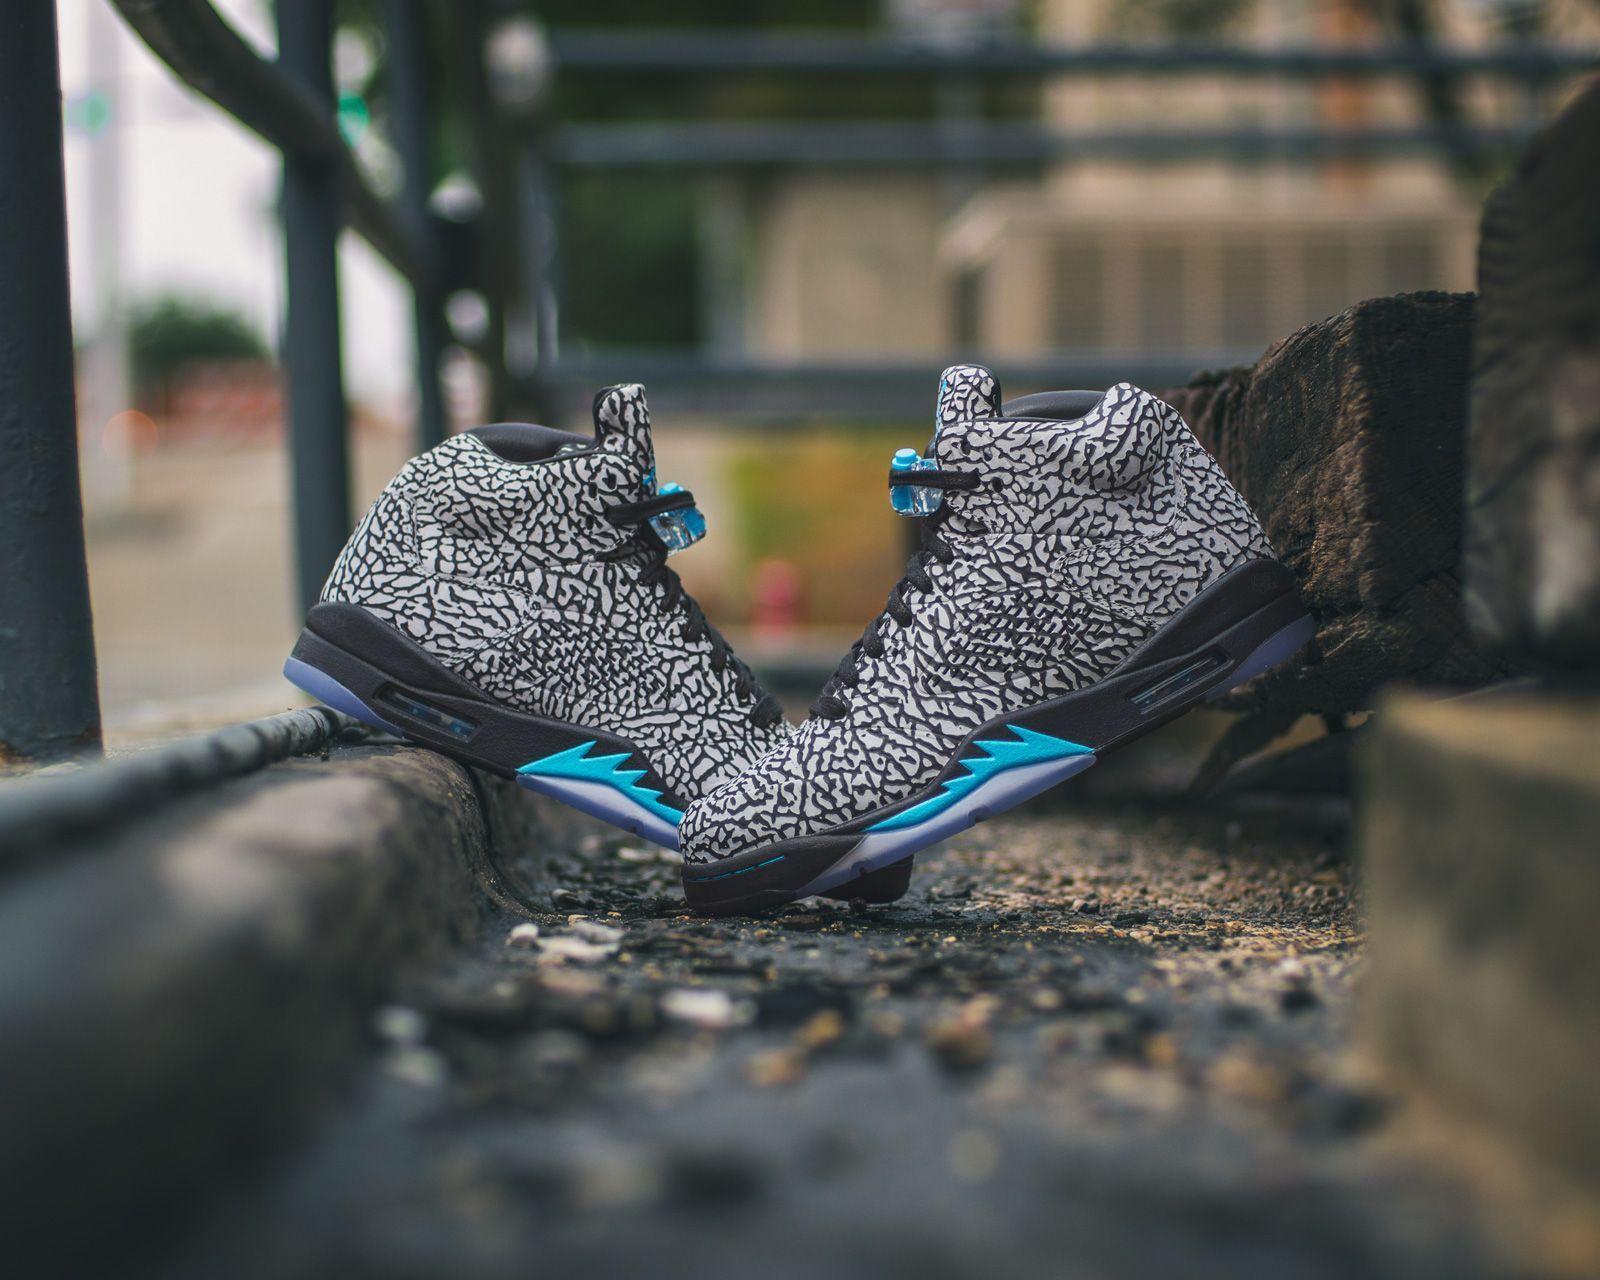 All Jordan Shoes Wallpaper